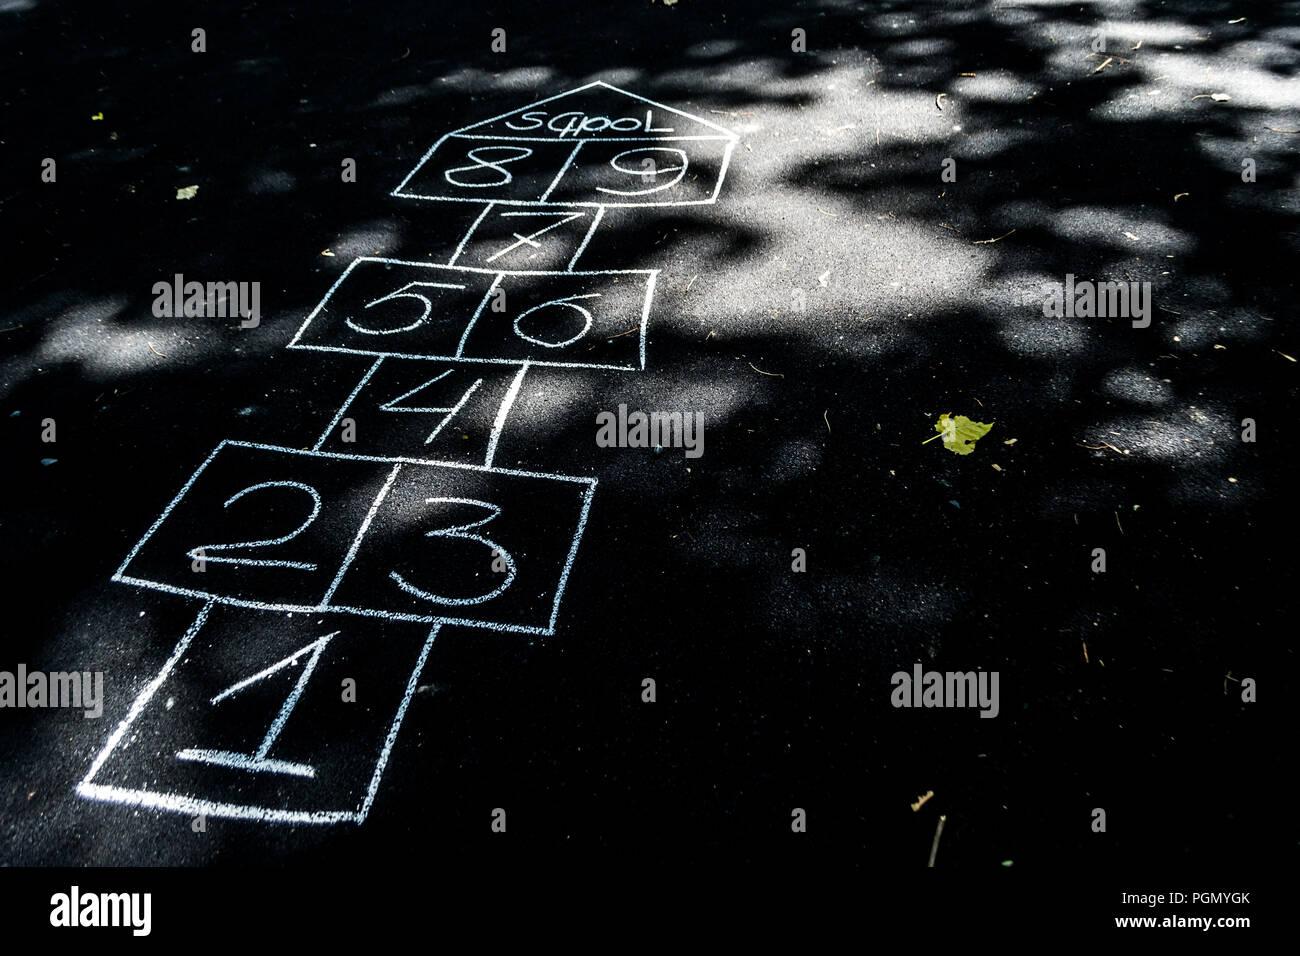 Hopse mit Kreide gezeichnet auf dem schwarzen Asphalt Stockbild